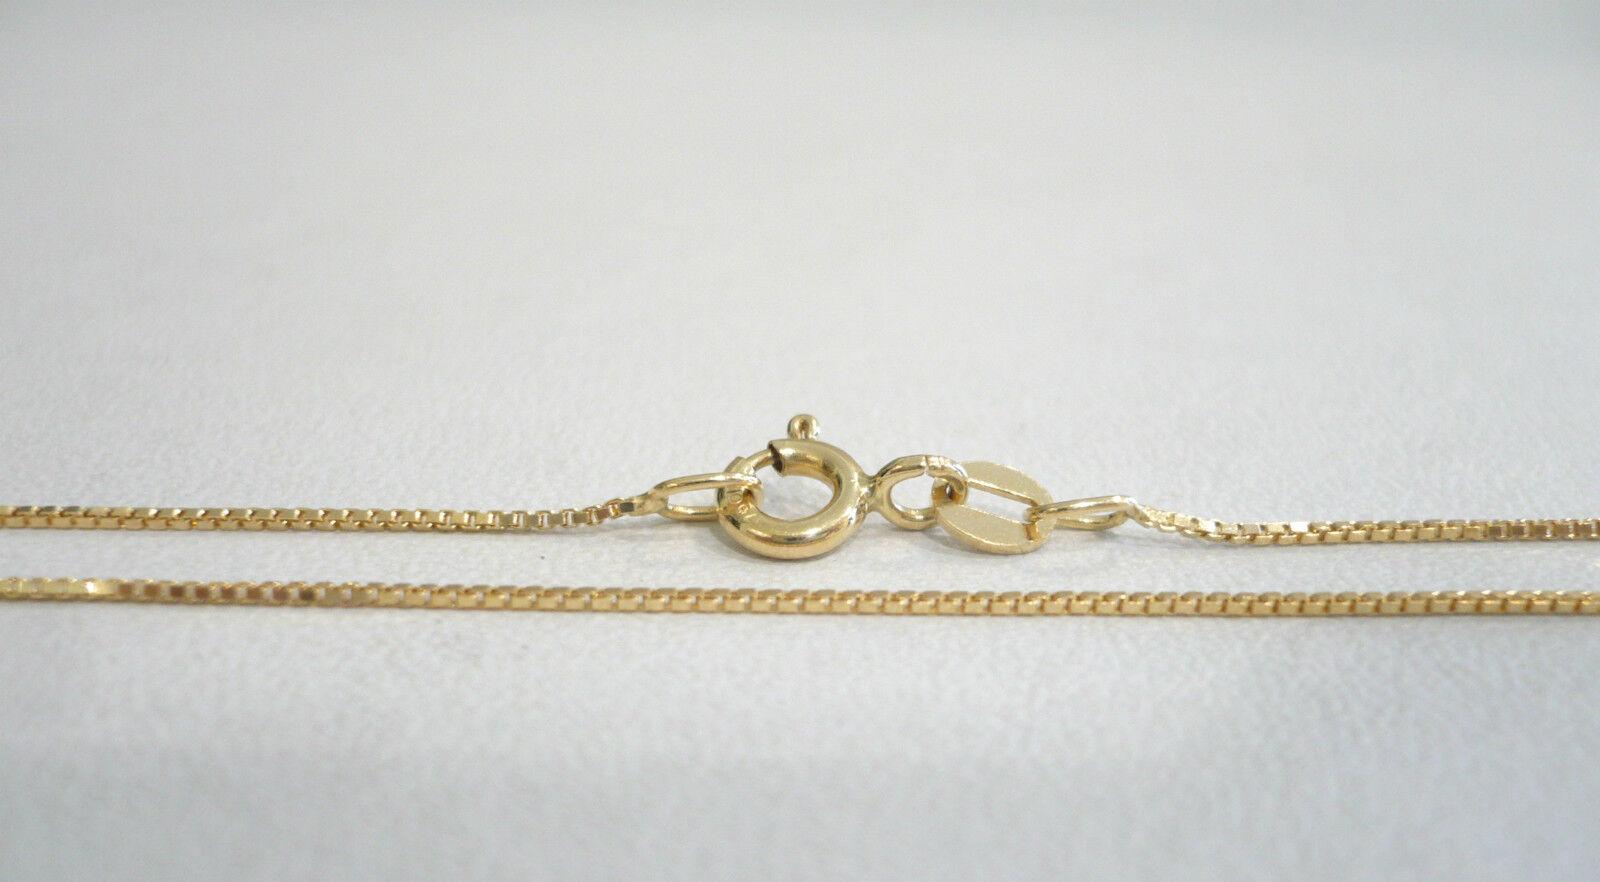 Collar gold yellow 18CT 750 Cadena Veneciano - Gargantilla Cadena Veneciana